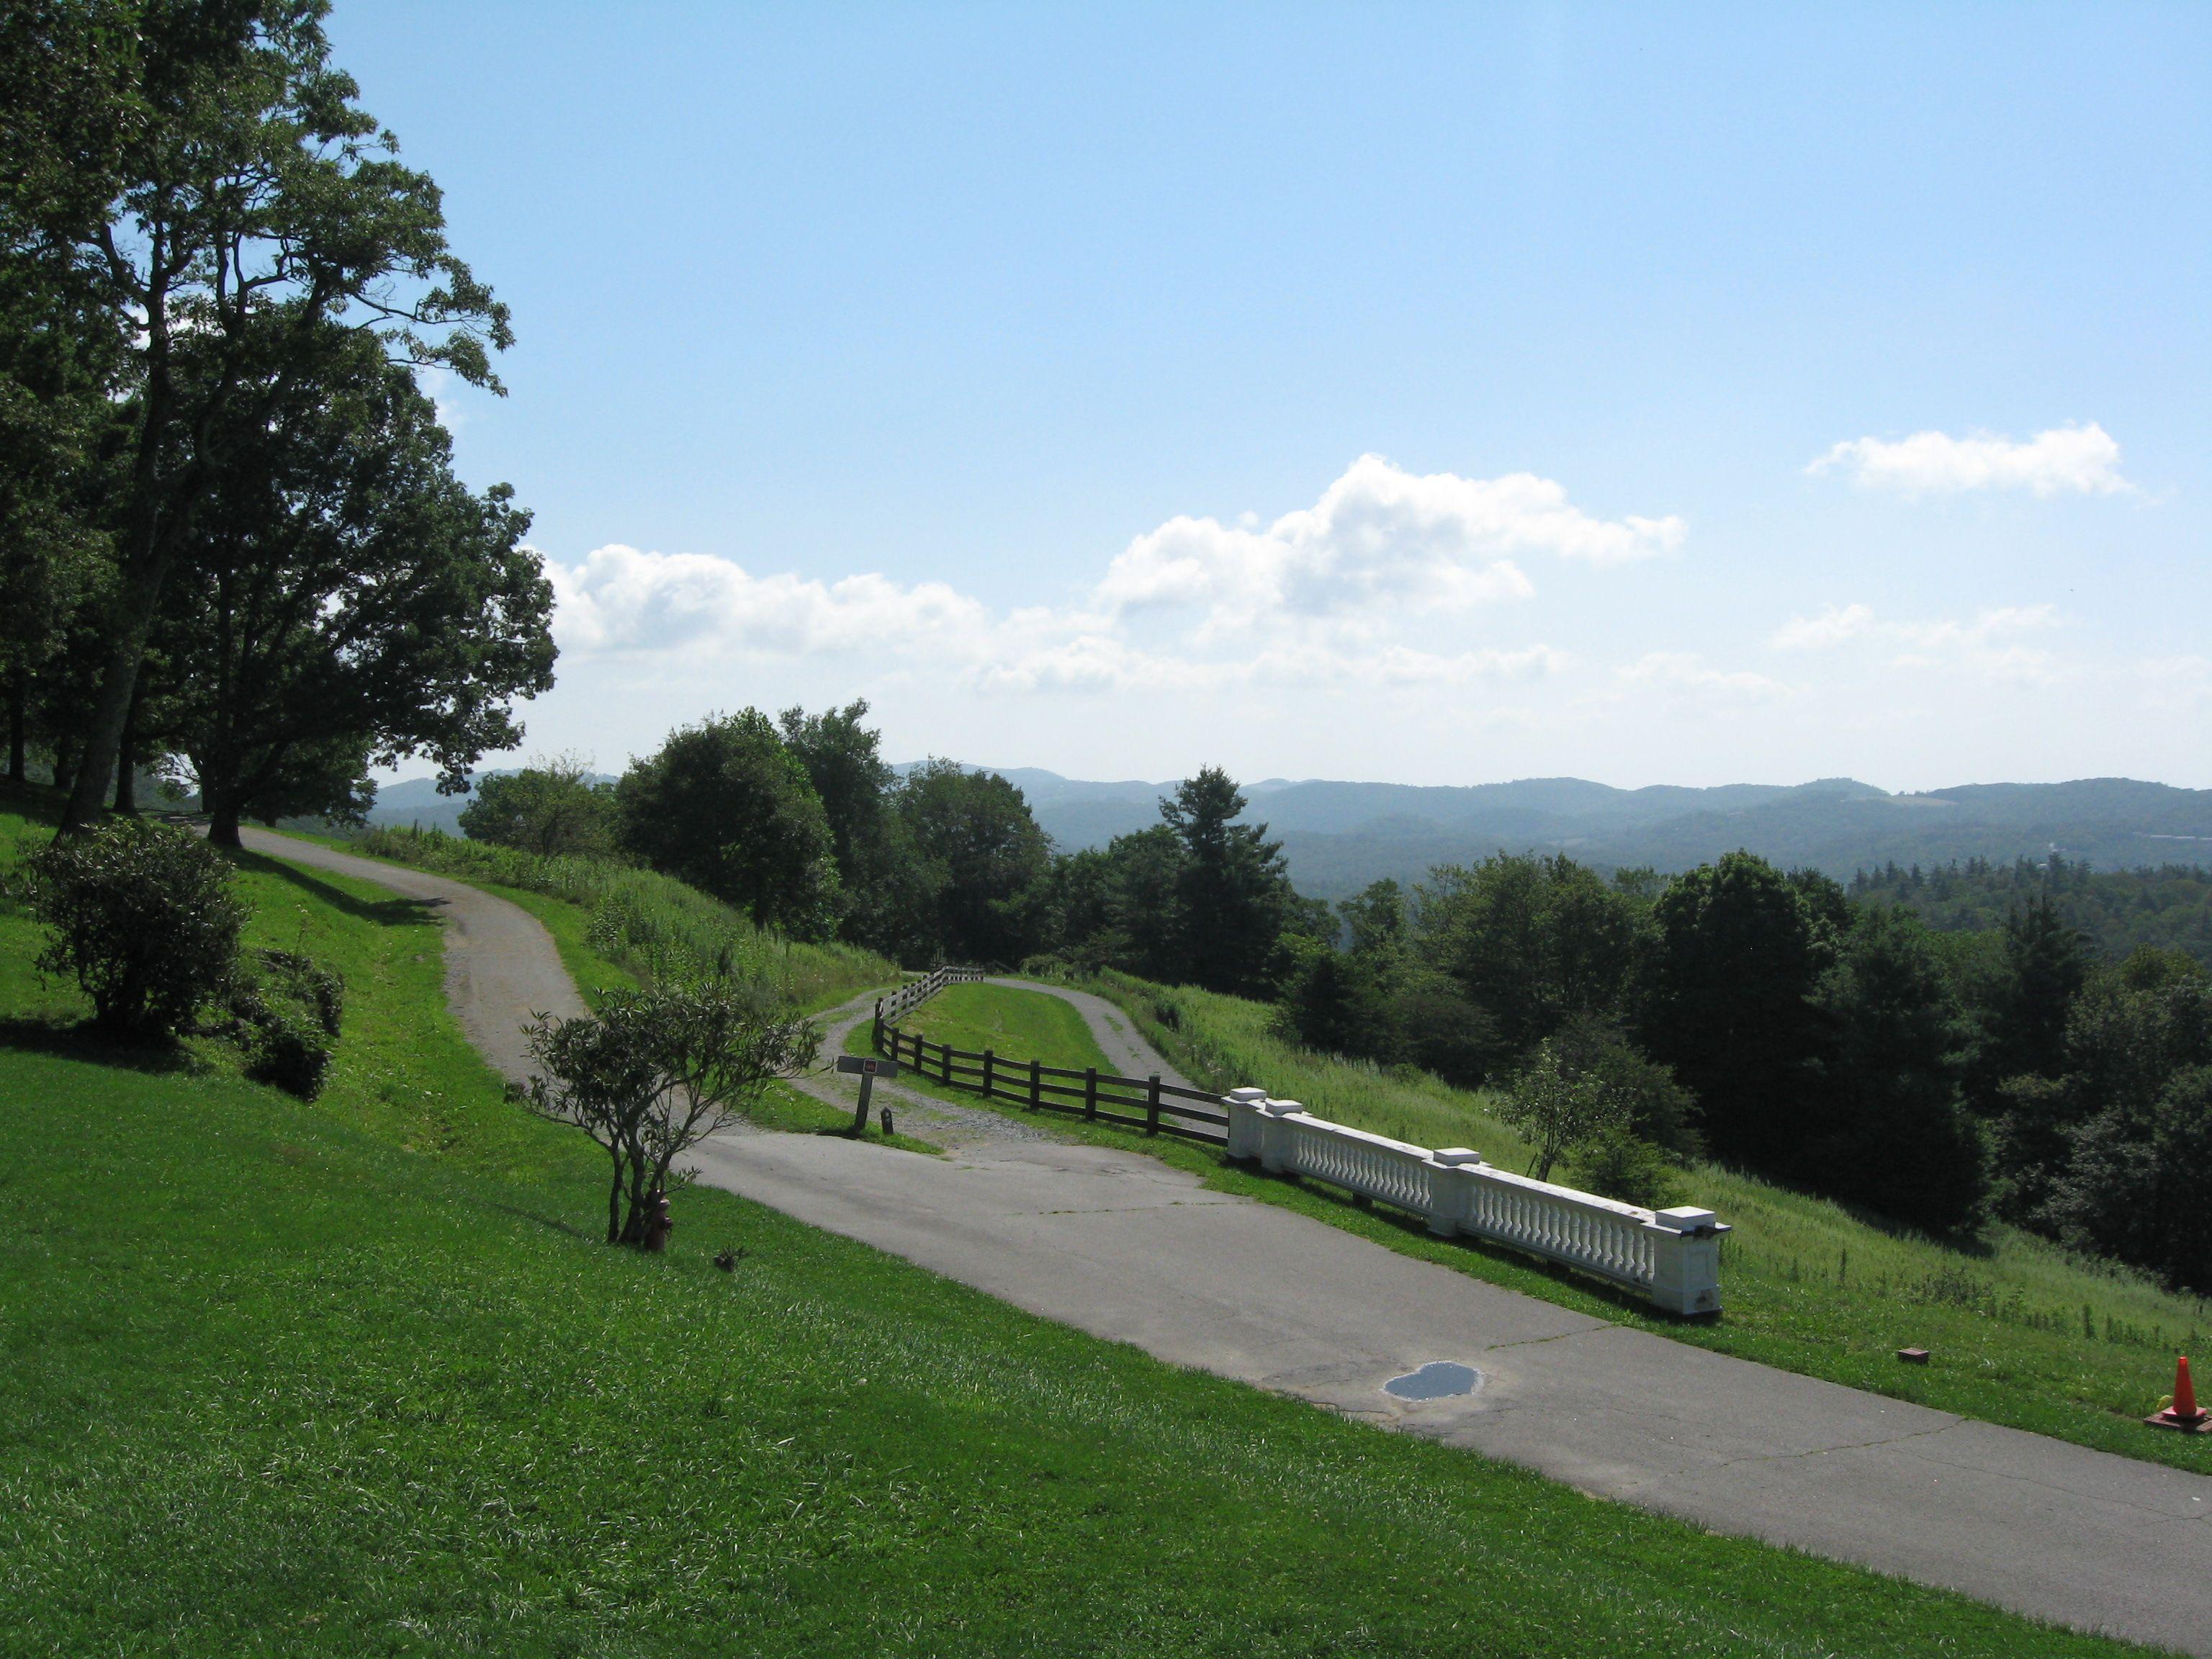 Blueridge Parkway, Moses Cone Park, N.C. #blueridgeparkway Blueridge Parkway, Moses Cone Park, N.C. #blueridgeparkway